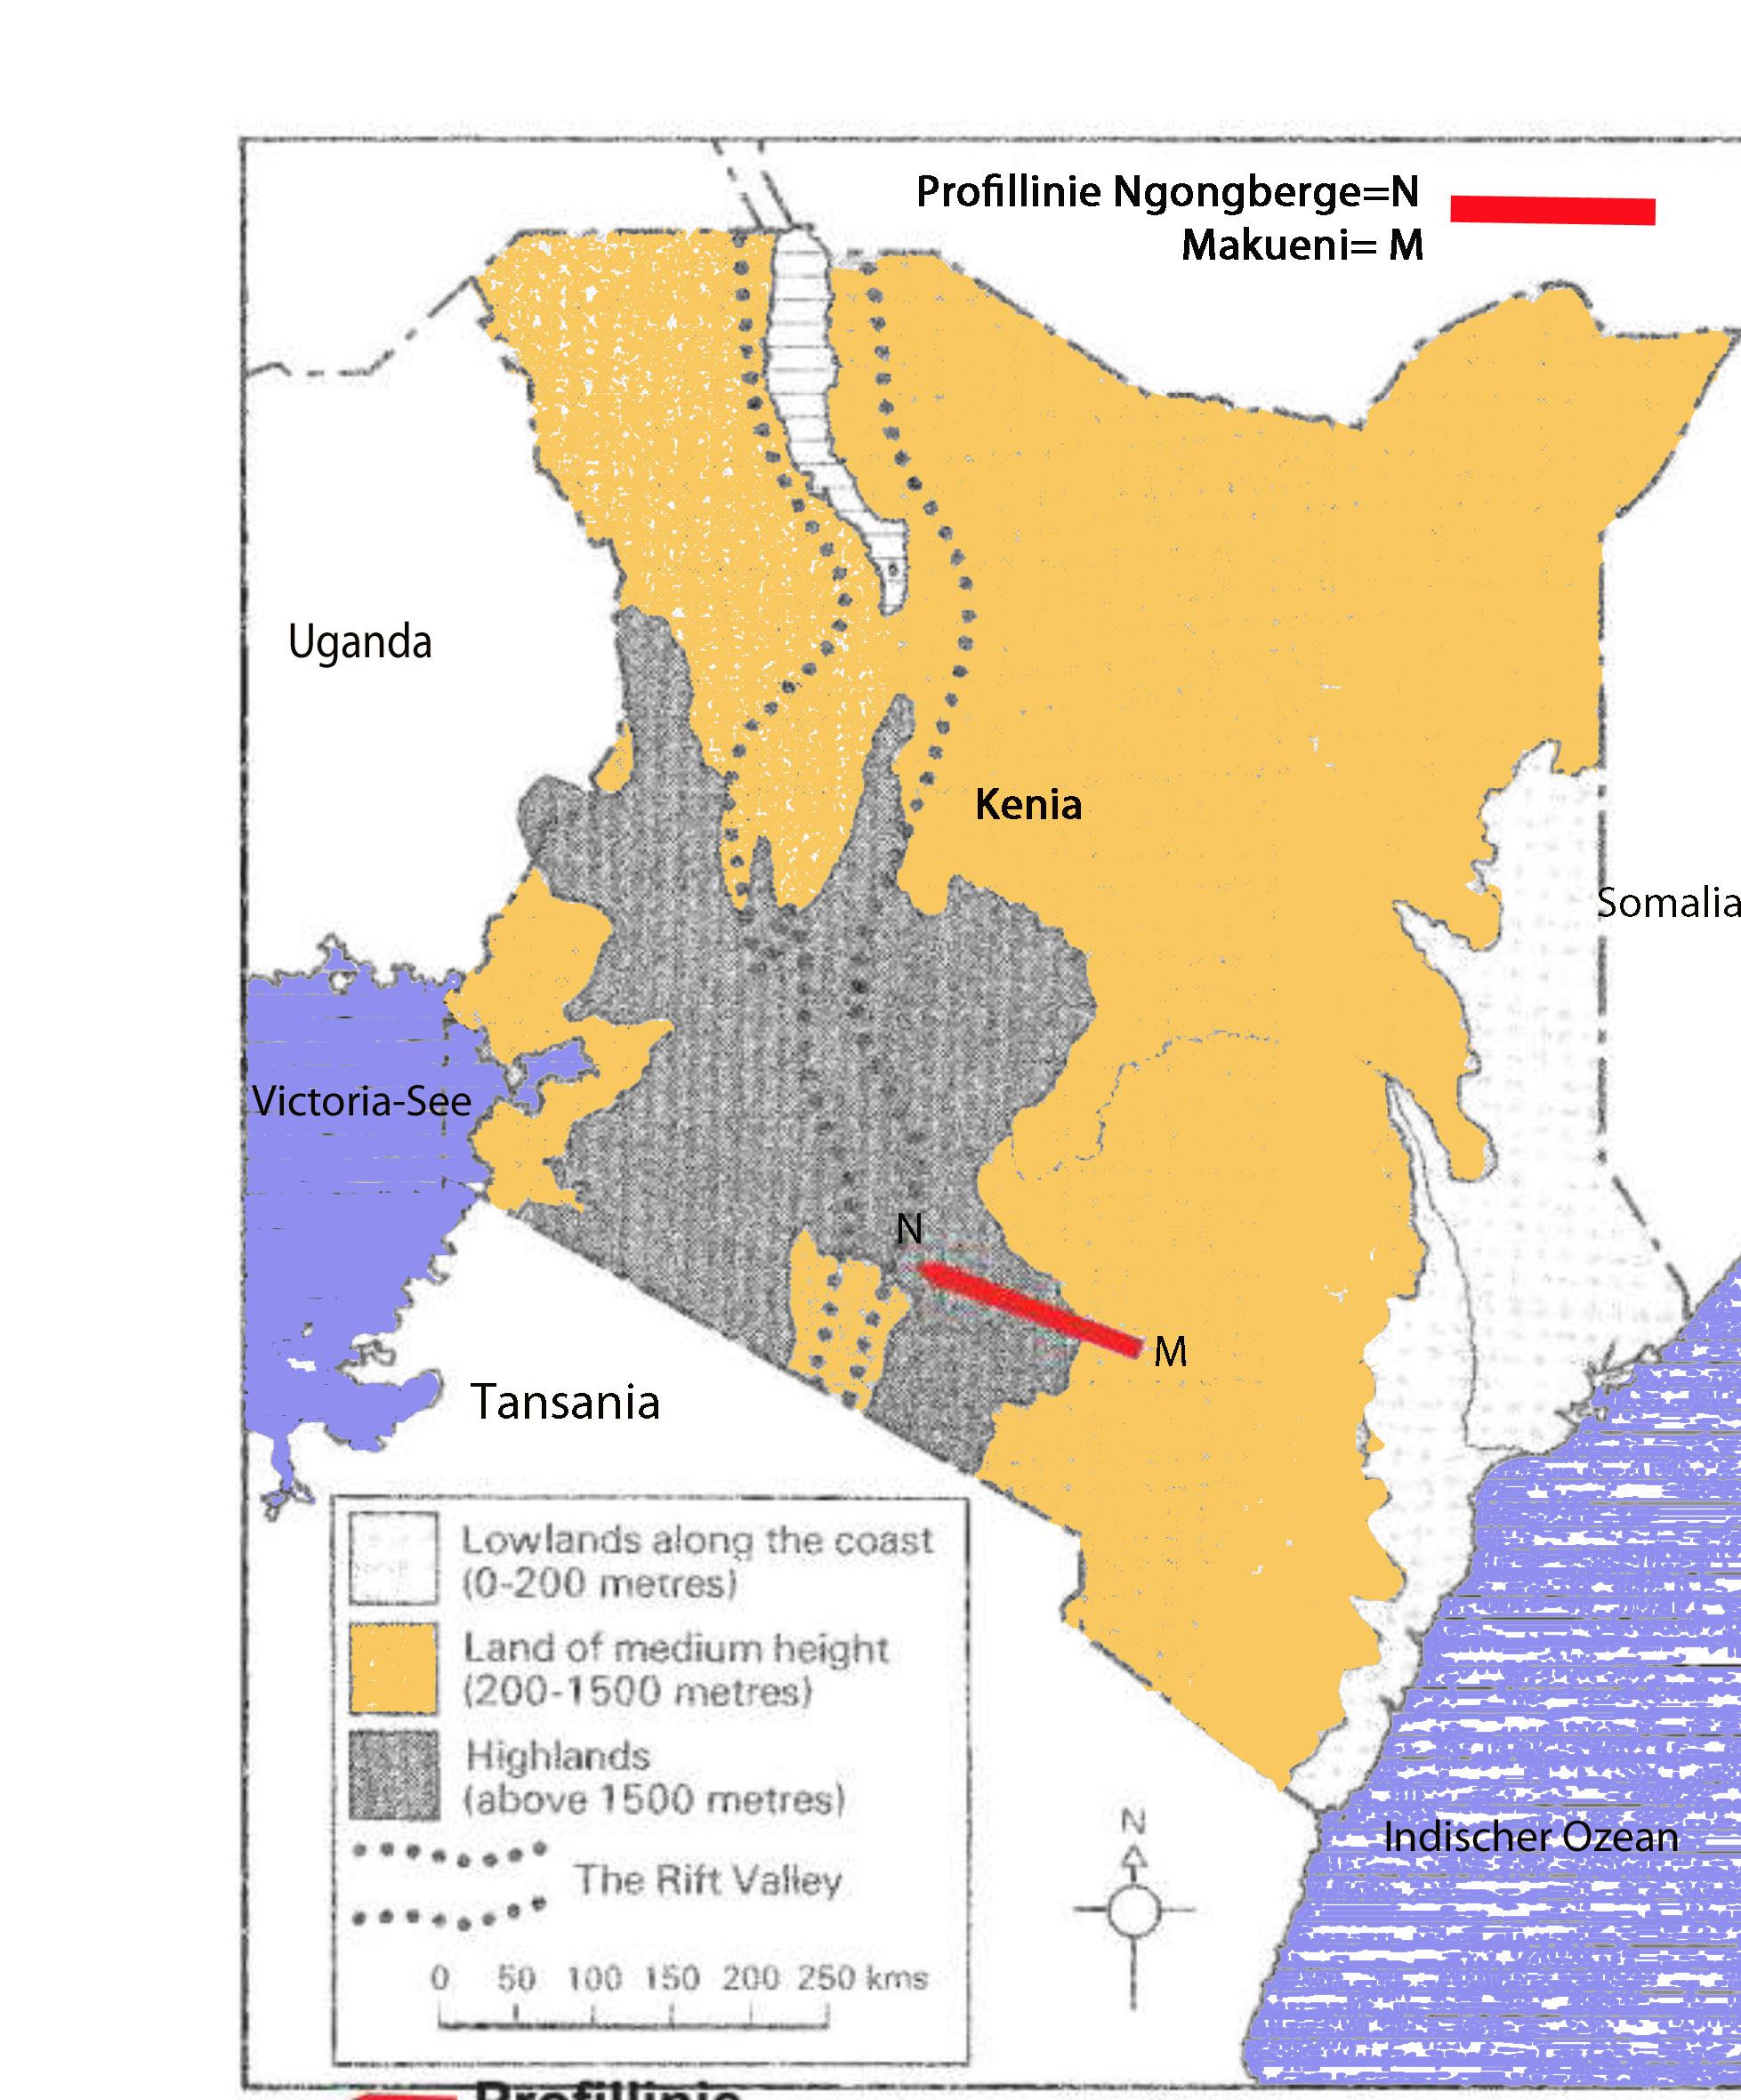 Kenia Karte.0 Karte Profillinie Kopie Wasser Für Kenia